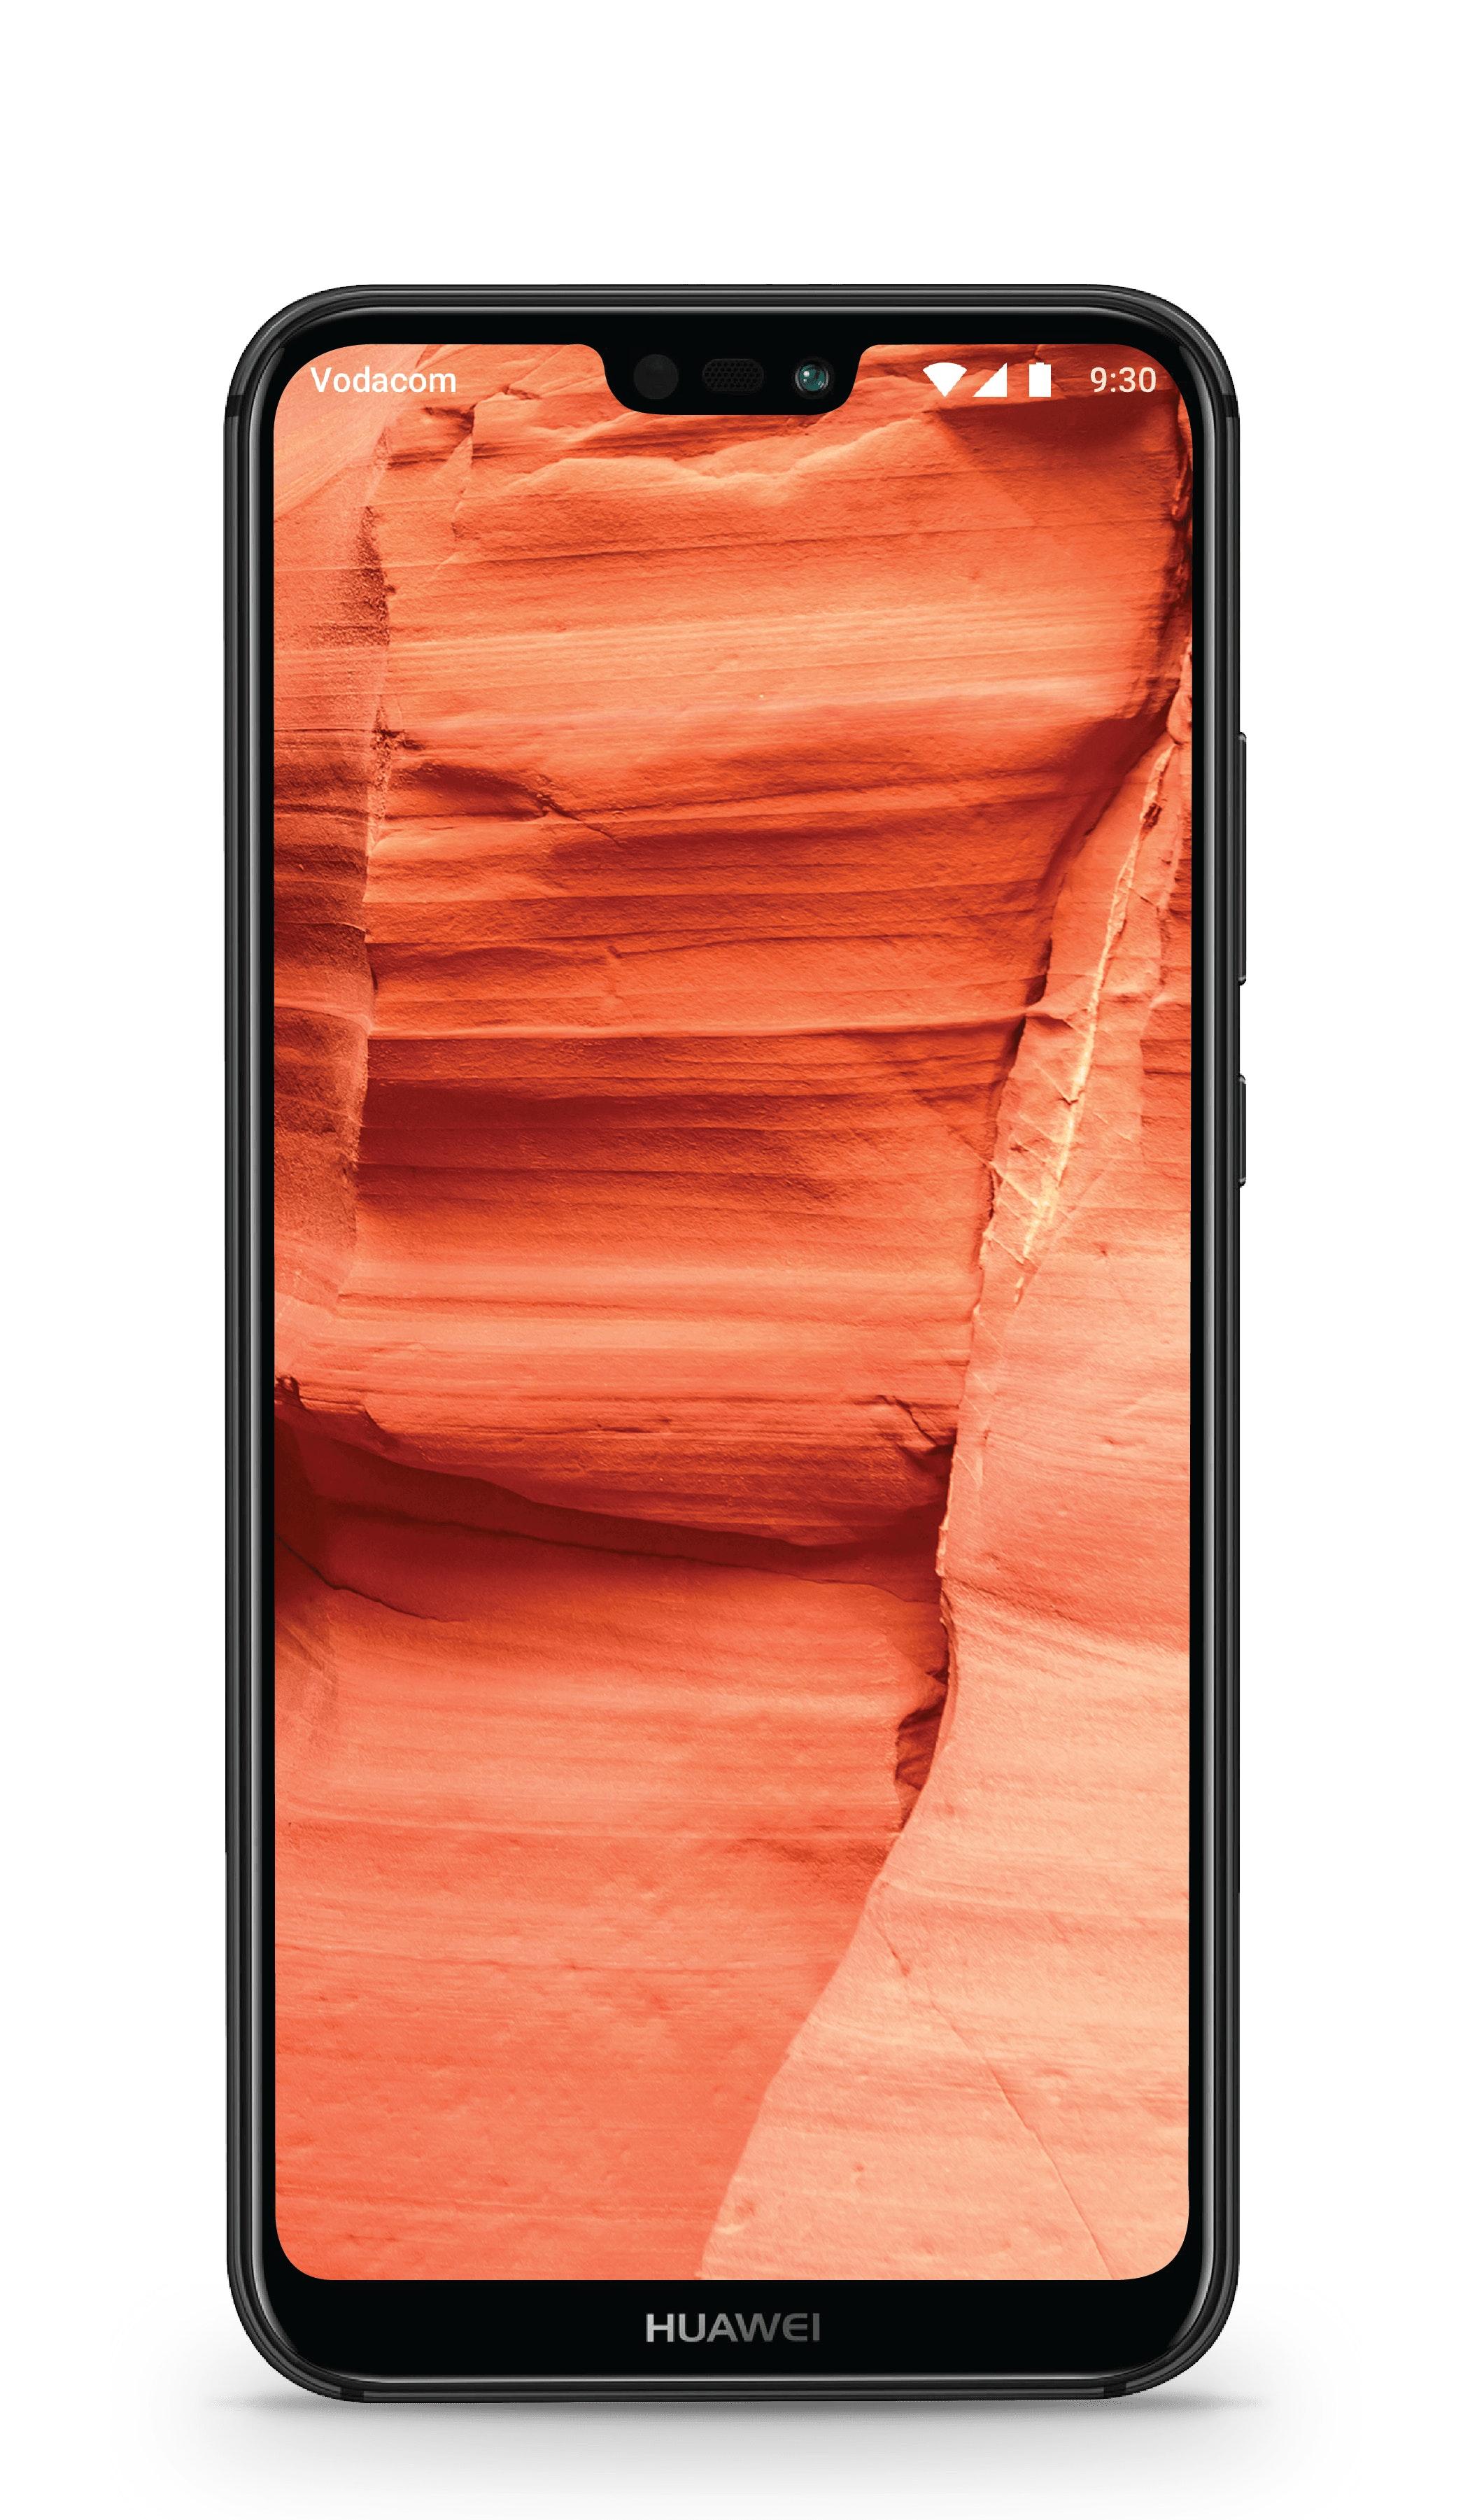 Huawei P20 Lite image